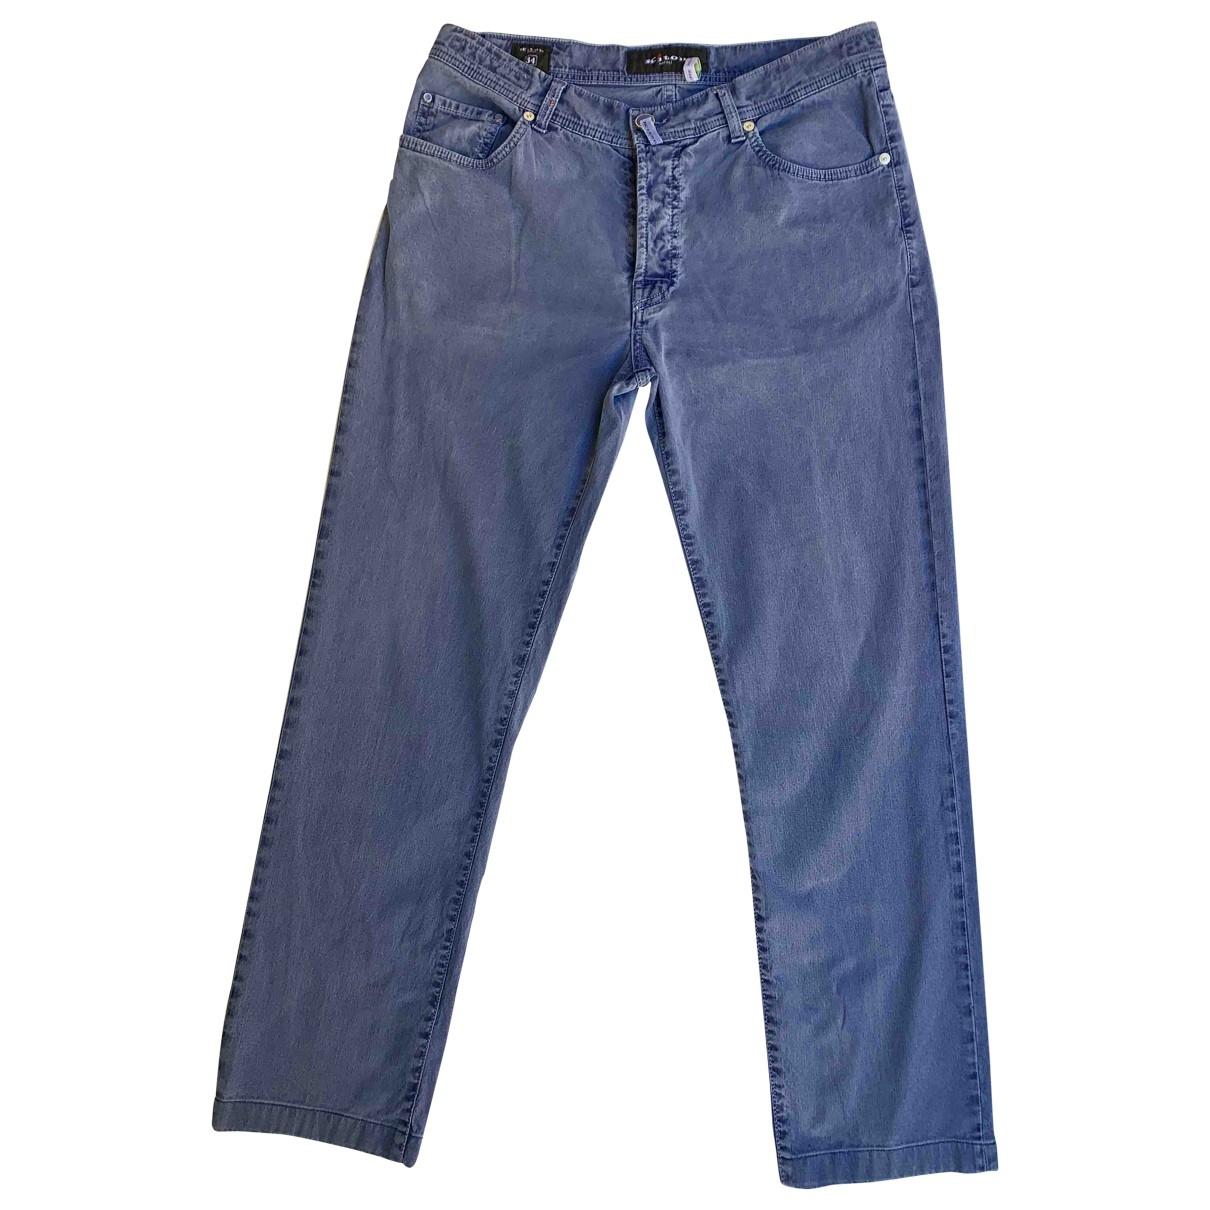 Kiton - Pantalon   pour femme en denim - bleu